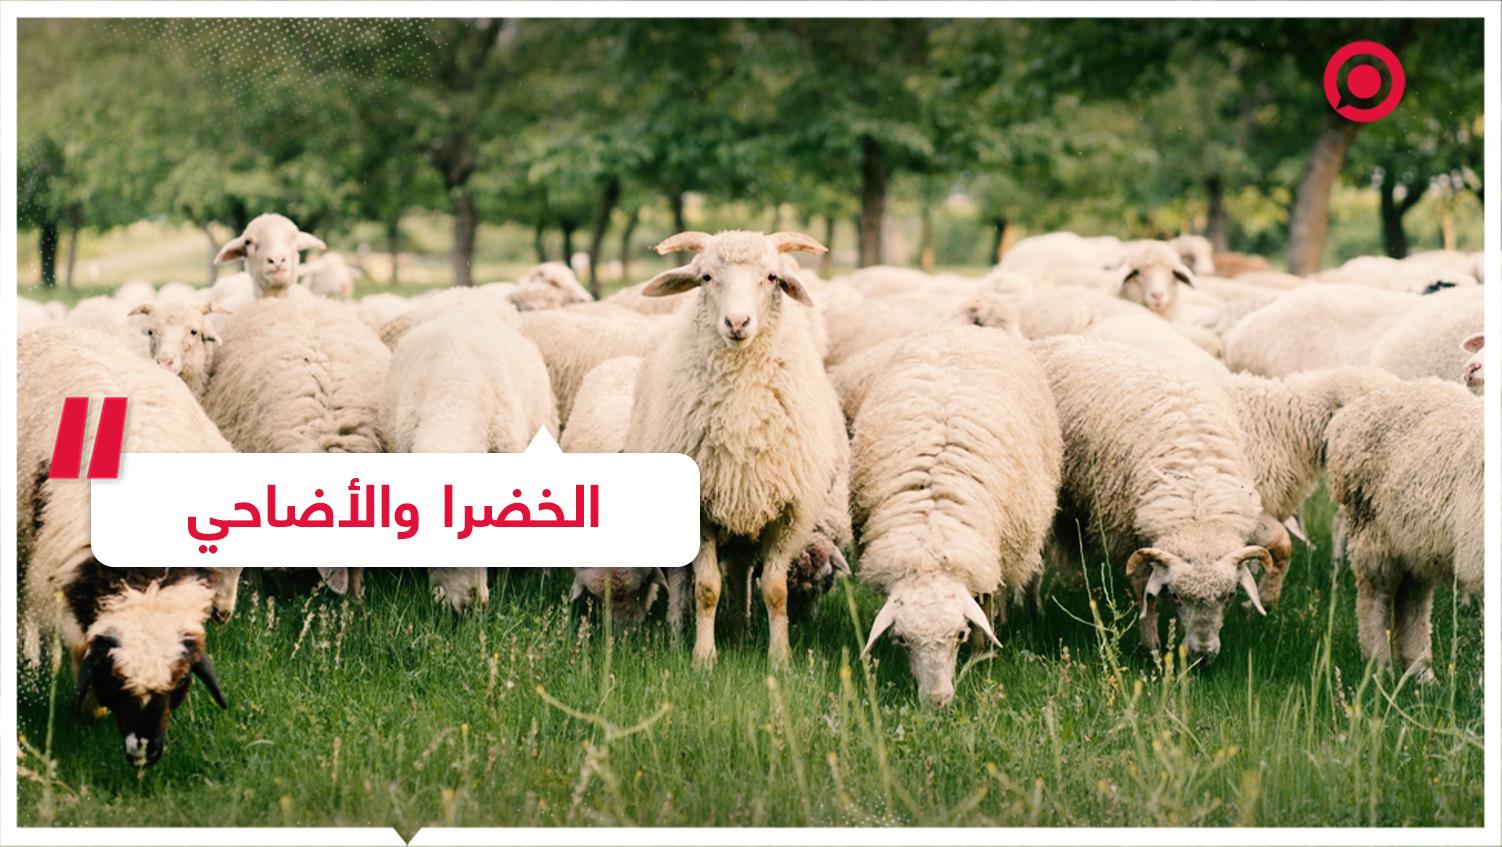 غضب في الأردن بسبب منشور ينتقد ذبح الأضاحي